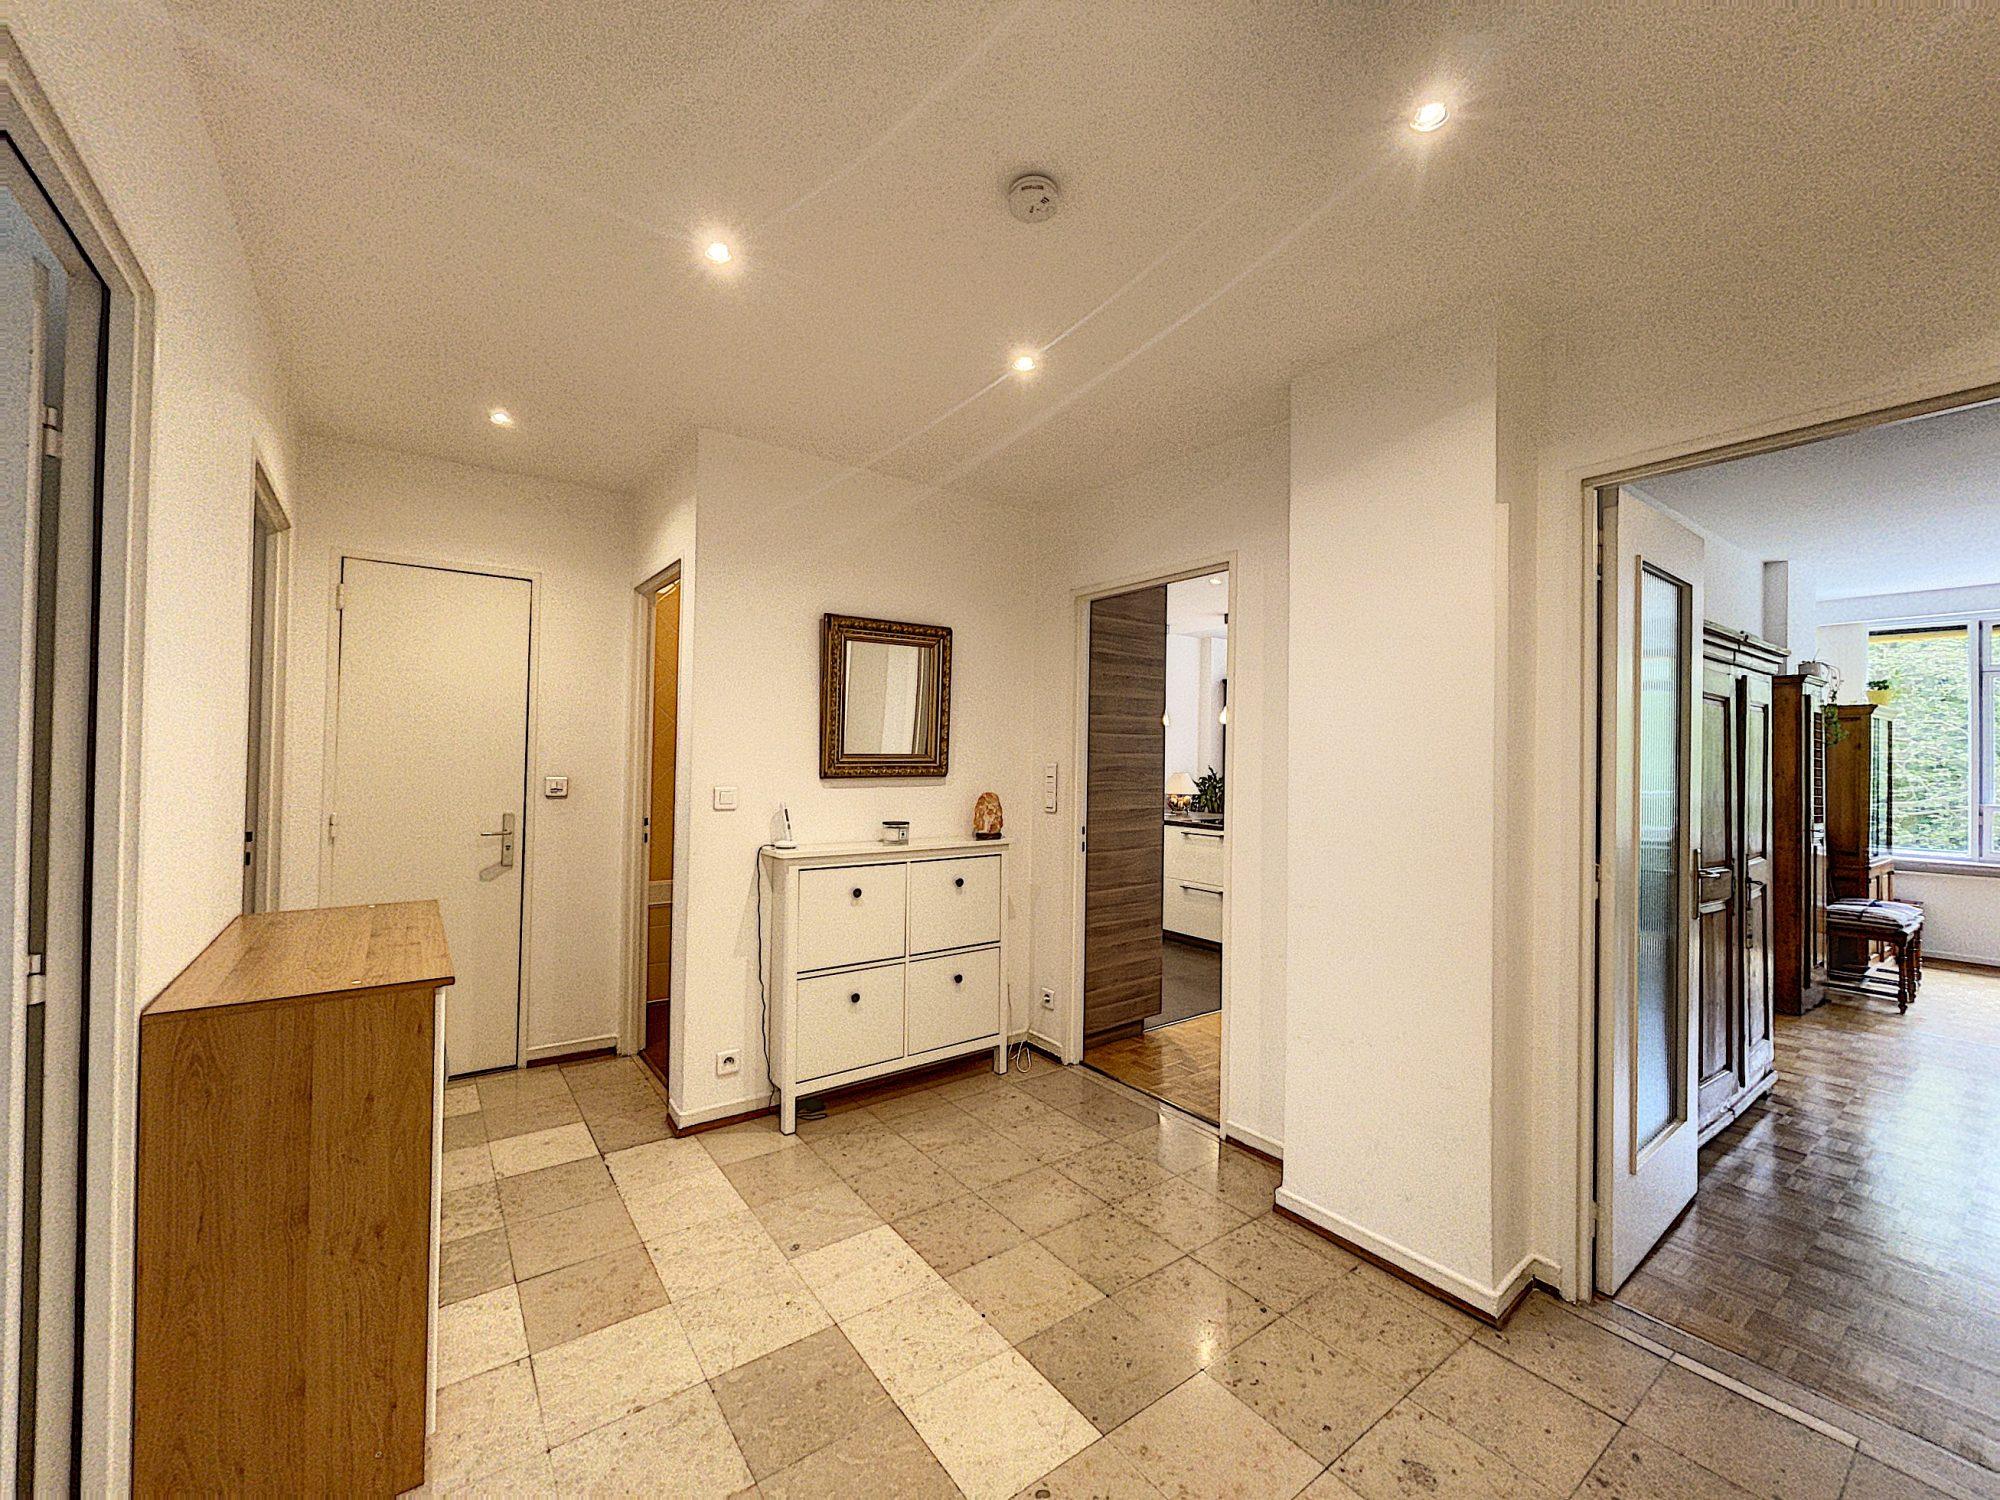 CONTADES - Appartement 3-4 pces de 96,18m²